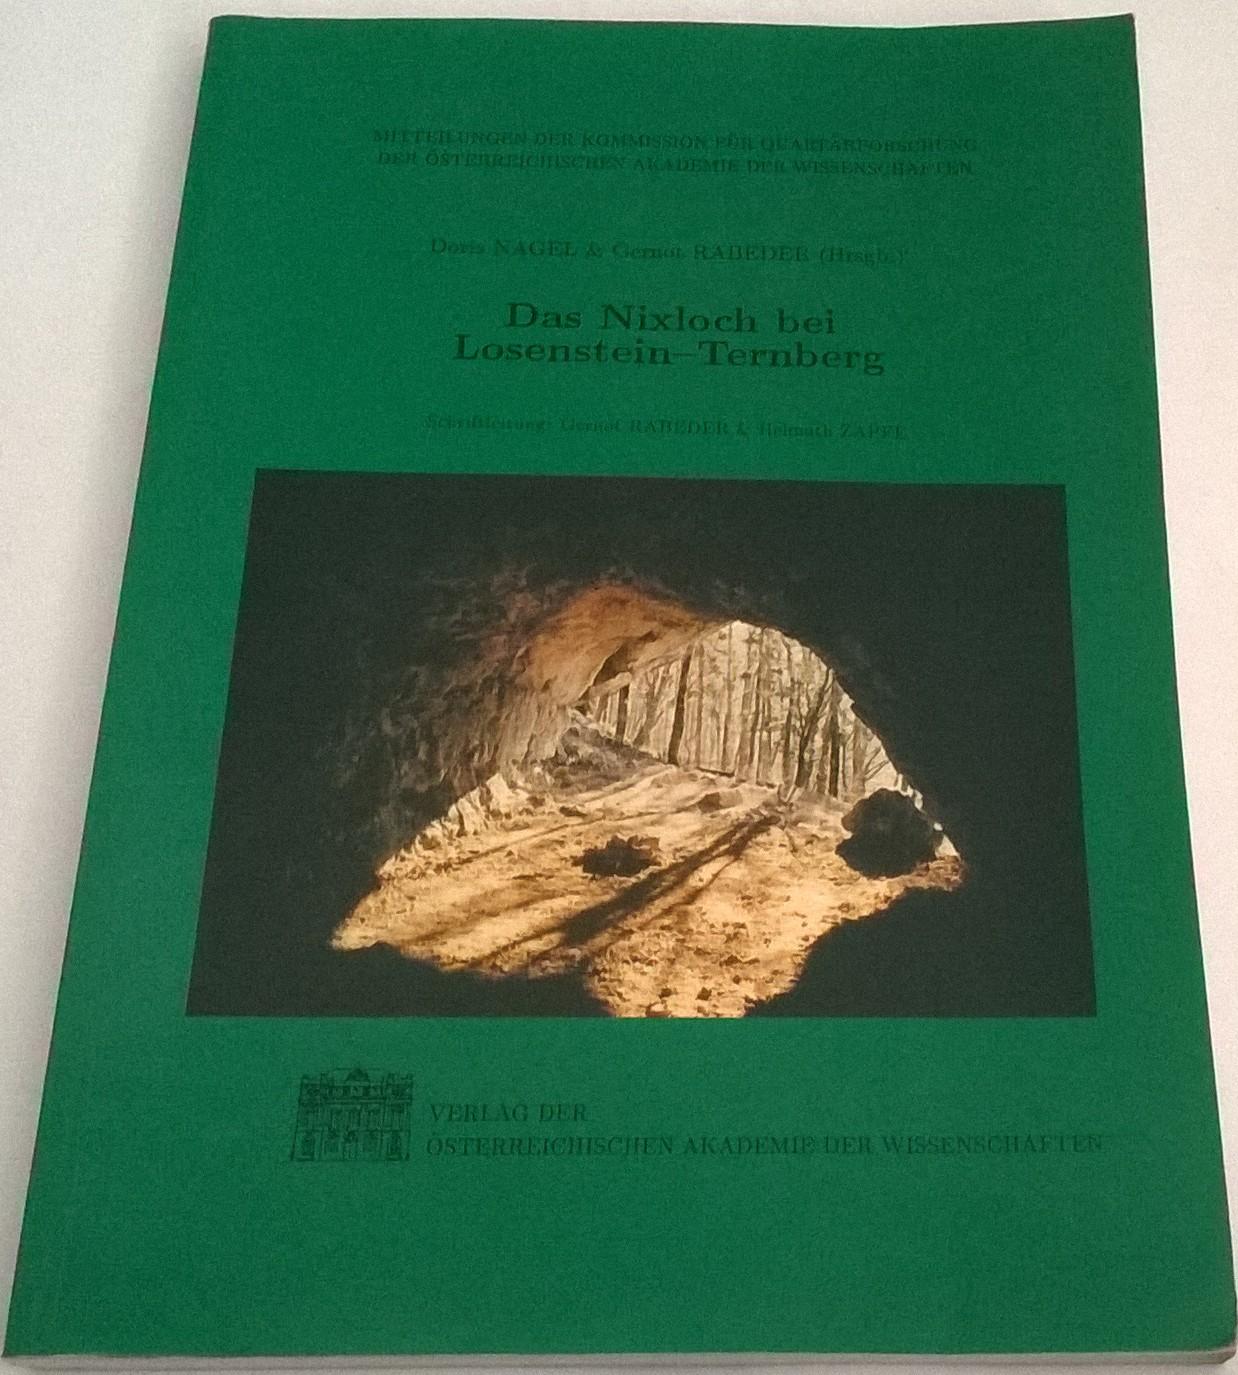 Das Nixloch bei Losenstein-Ternberg :Mitteilungen der Kommission fur Quartarforschung der Oesterreichischen Akademie der Wissenschaften, Nagel, Doria ;Rabeder, Gernot (eds)